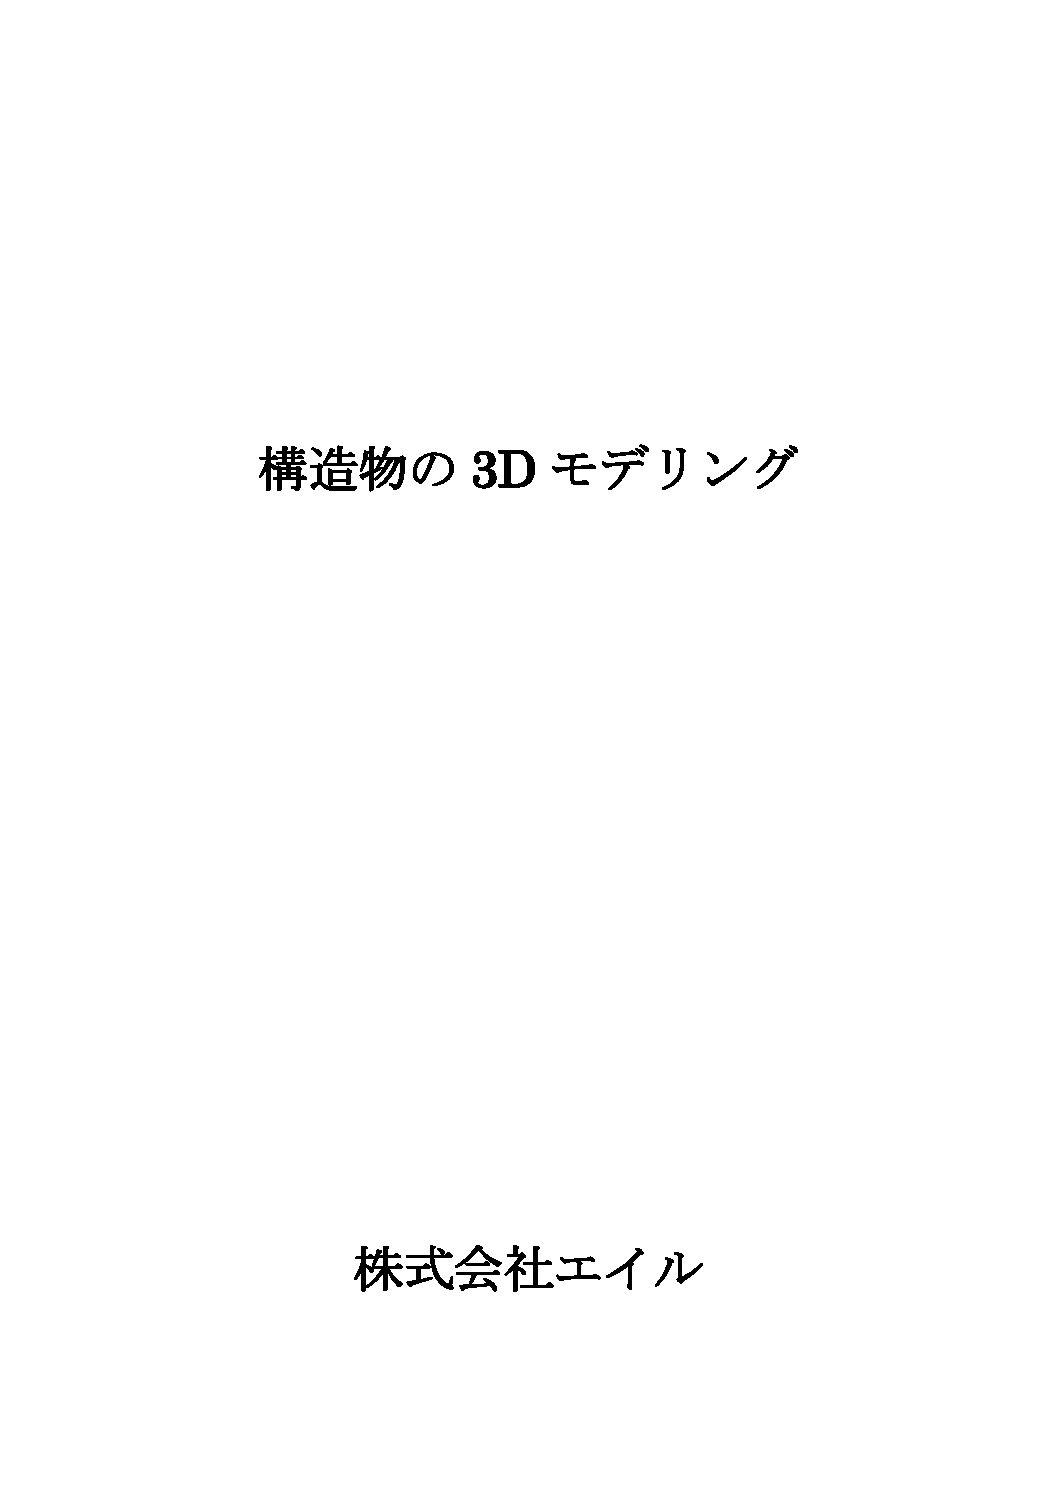 3D-modeling-1